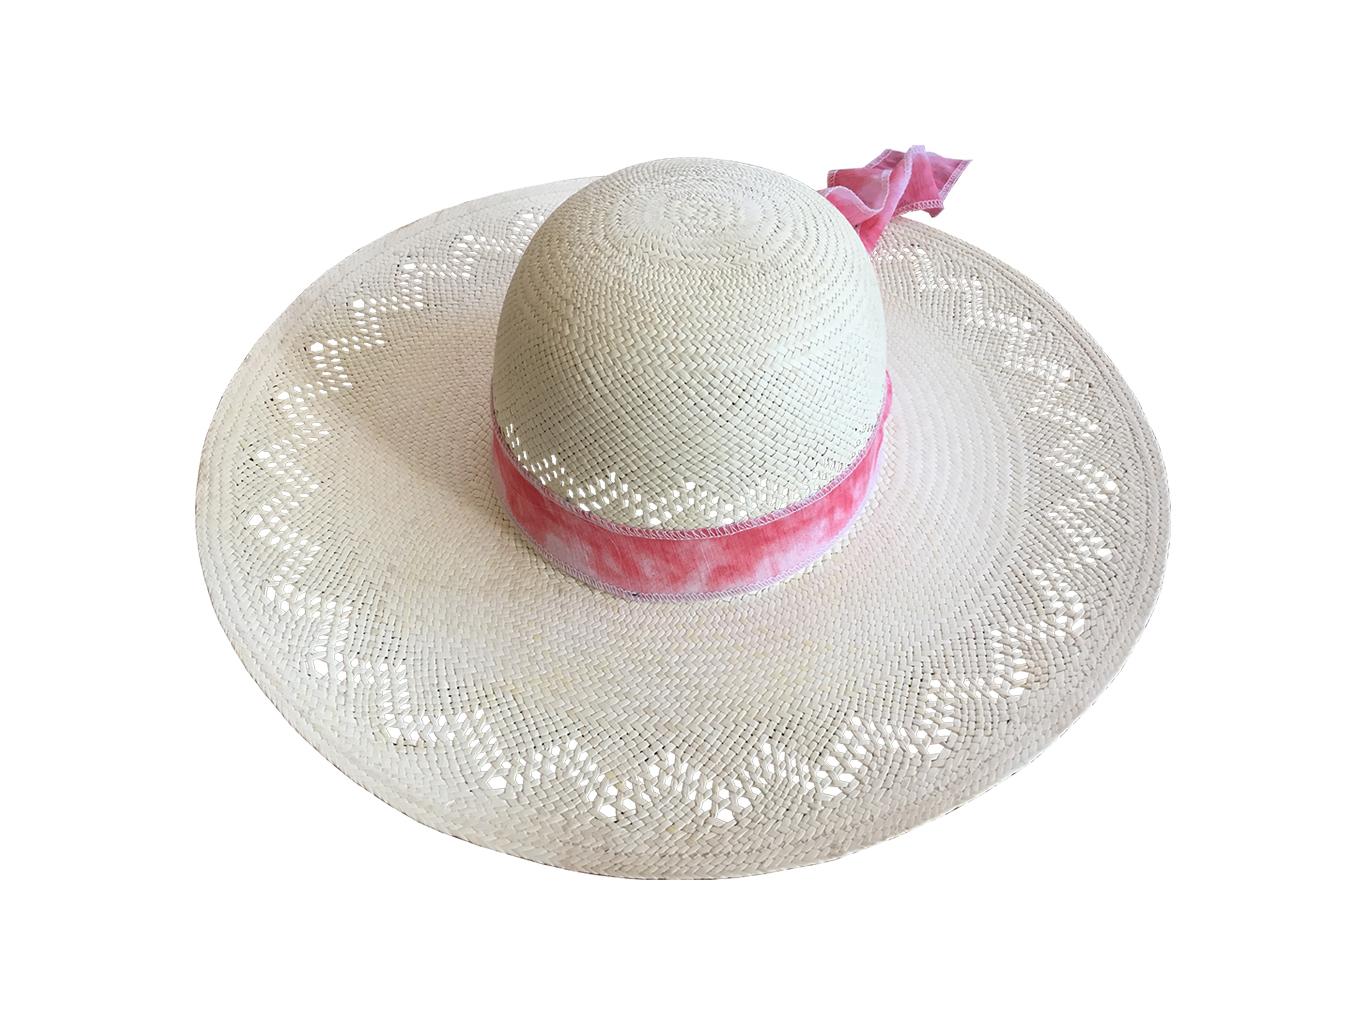 Sombrero Pamela para Dama de Ala Extra-Grande Calado de Jipi ... 54fa0649a39